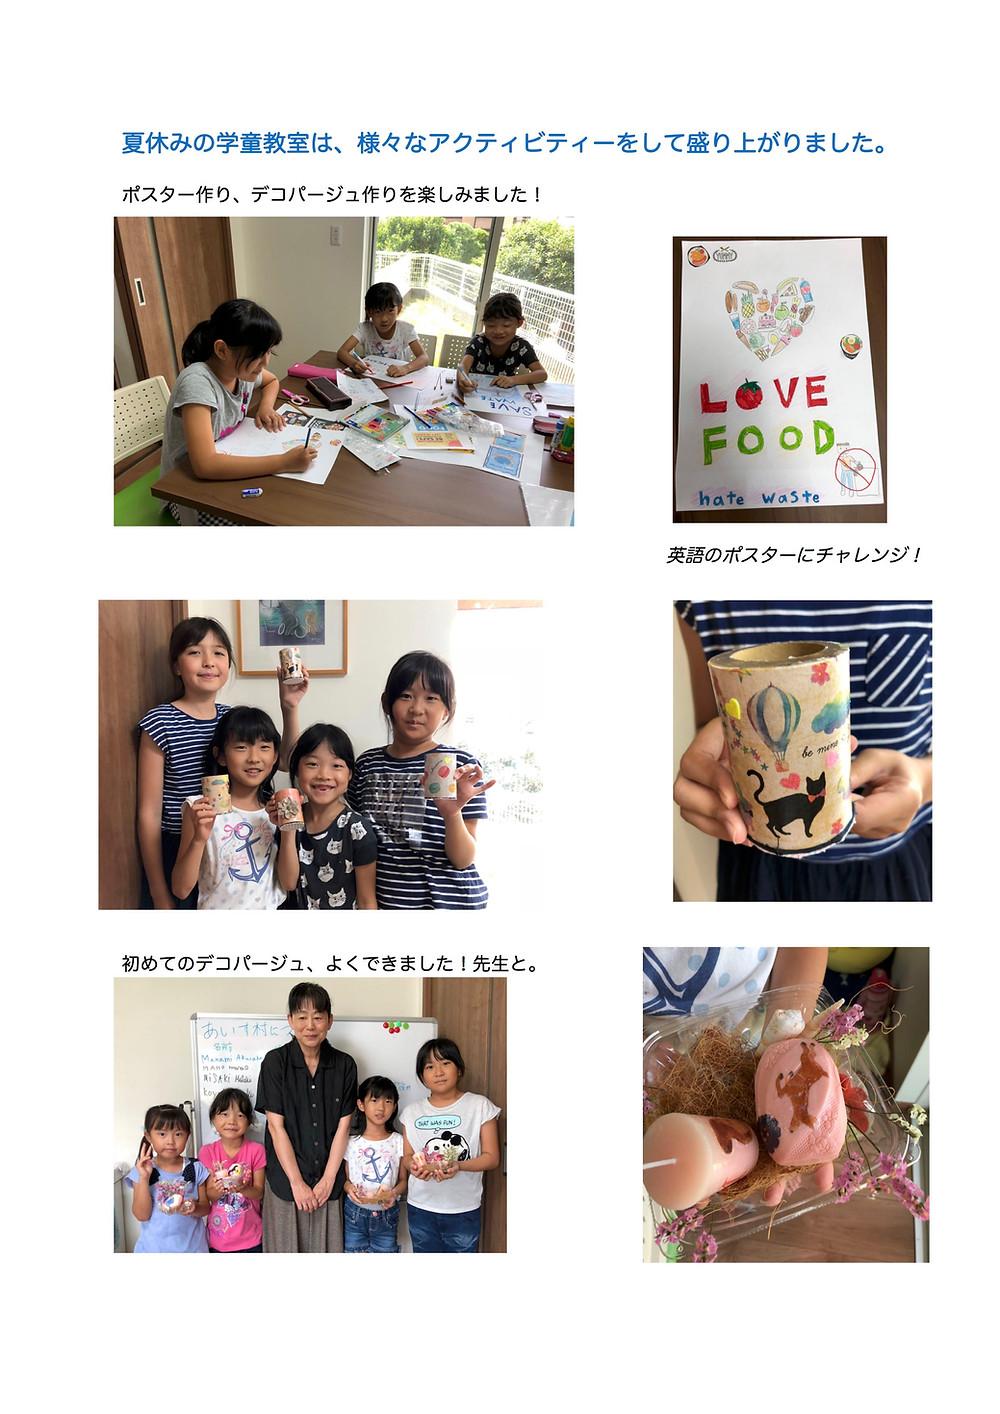 夏休みは英語レッスンの他にクラストやアクティビティをしました。